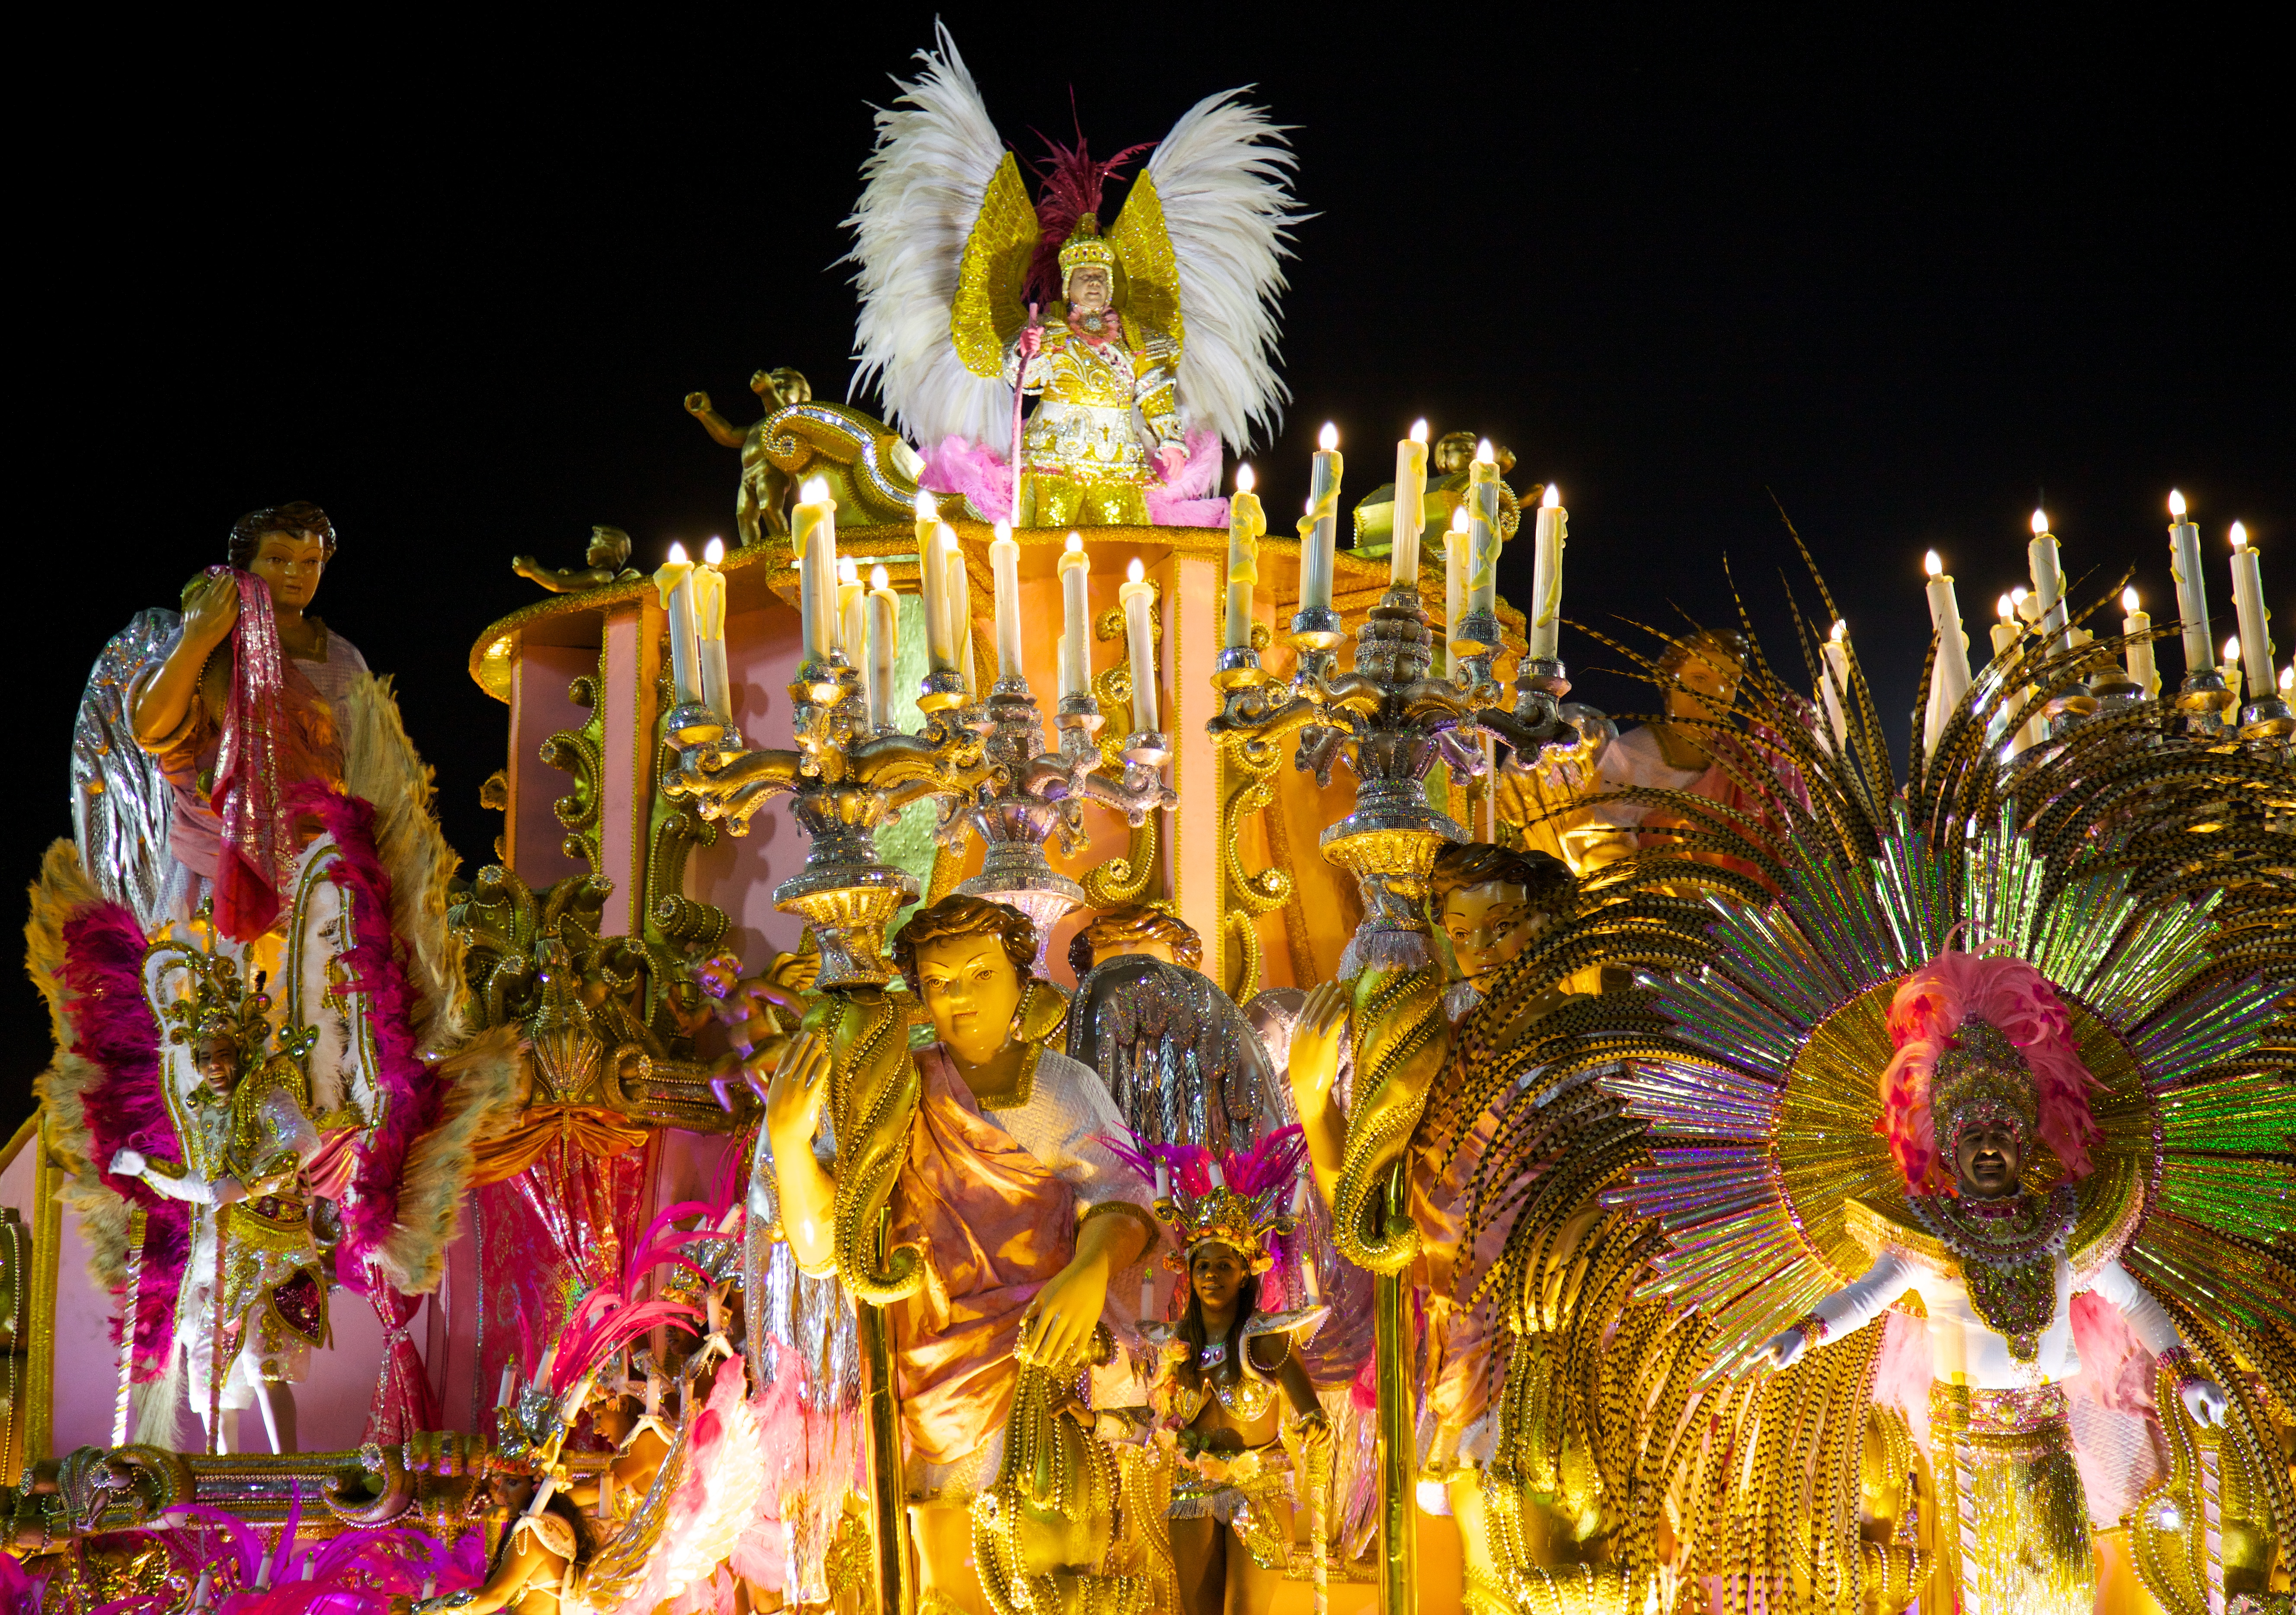 Carnaval_2014_-_Rio_de_Janeiro_%2812974274864%29 Christmas Decorations 2014 Ideas